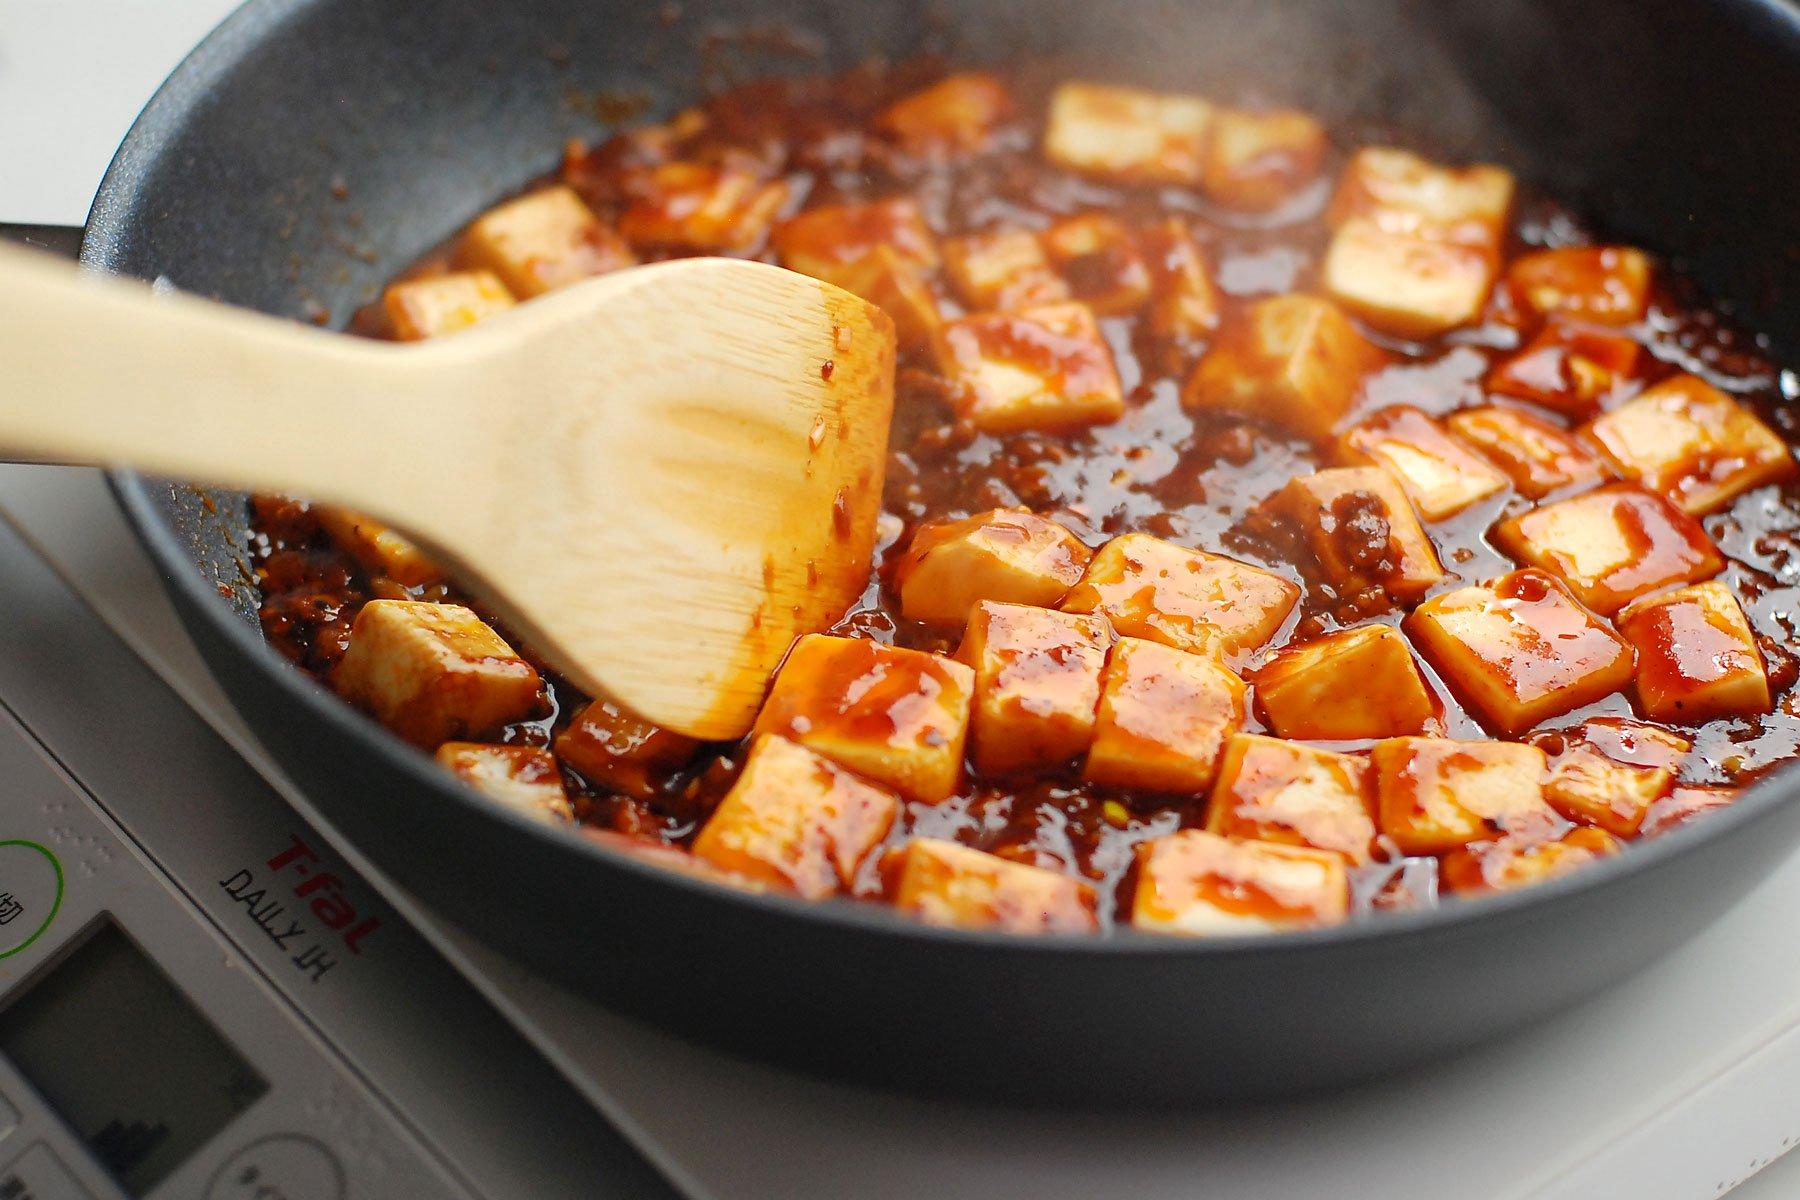 中華街の麻婆豆腐がつくれるソース(四川式)麻婆豆腐